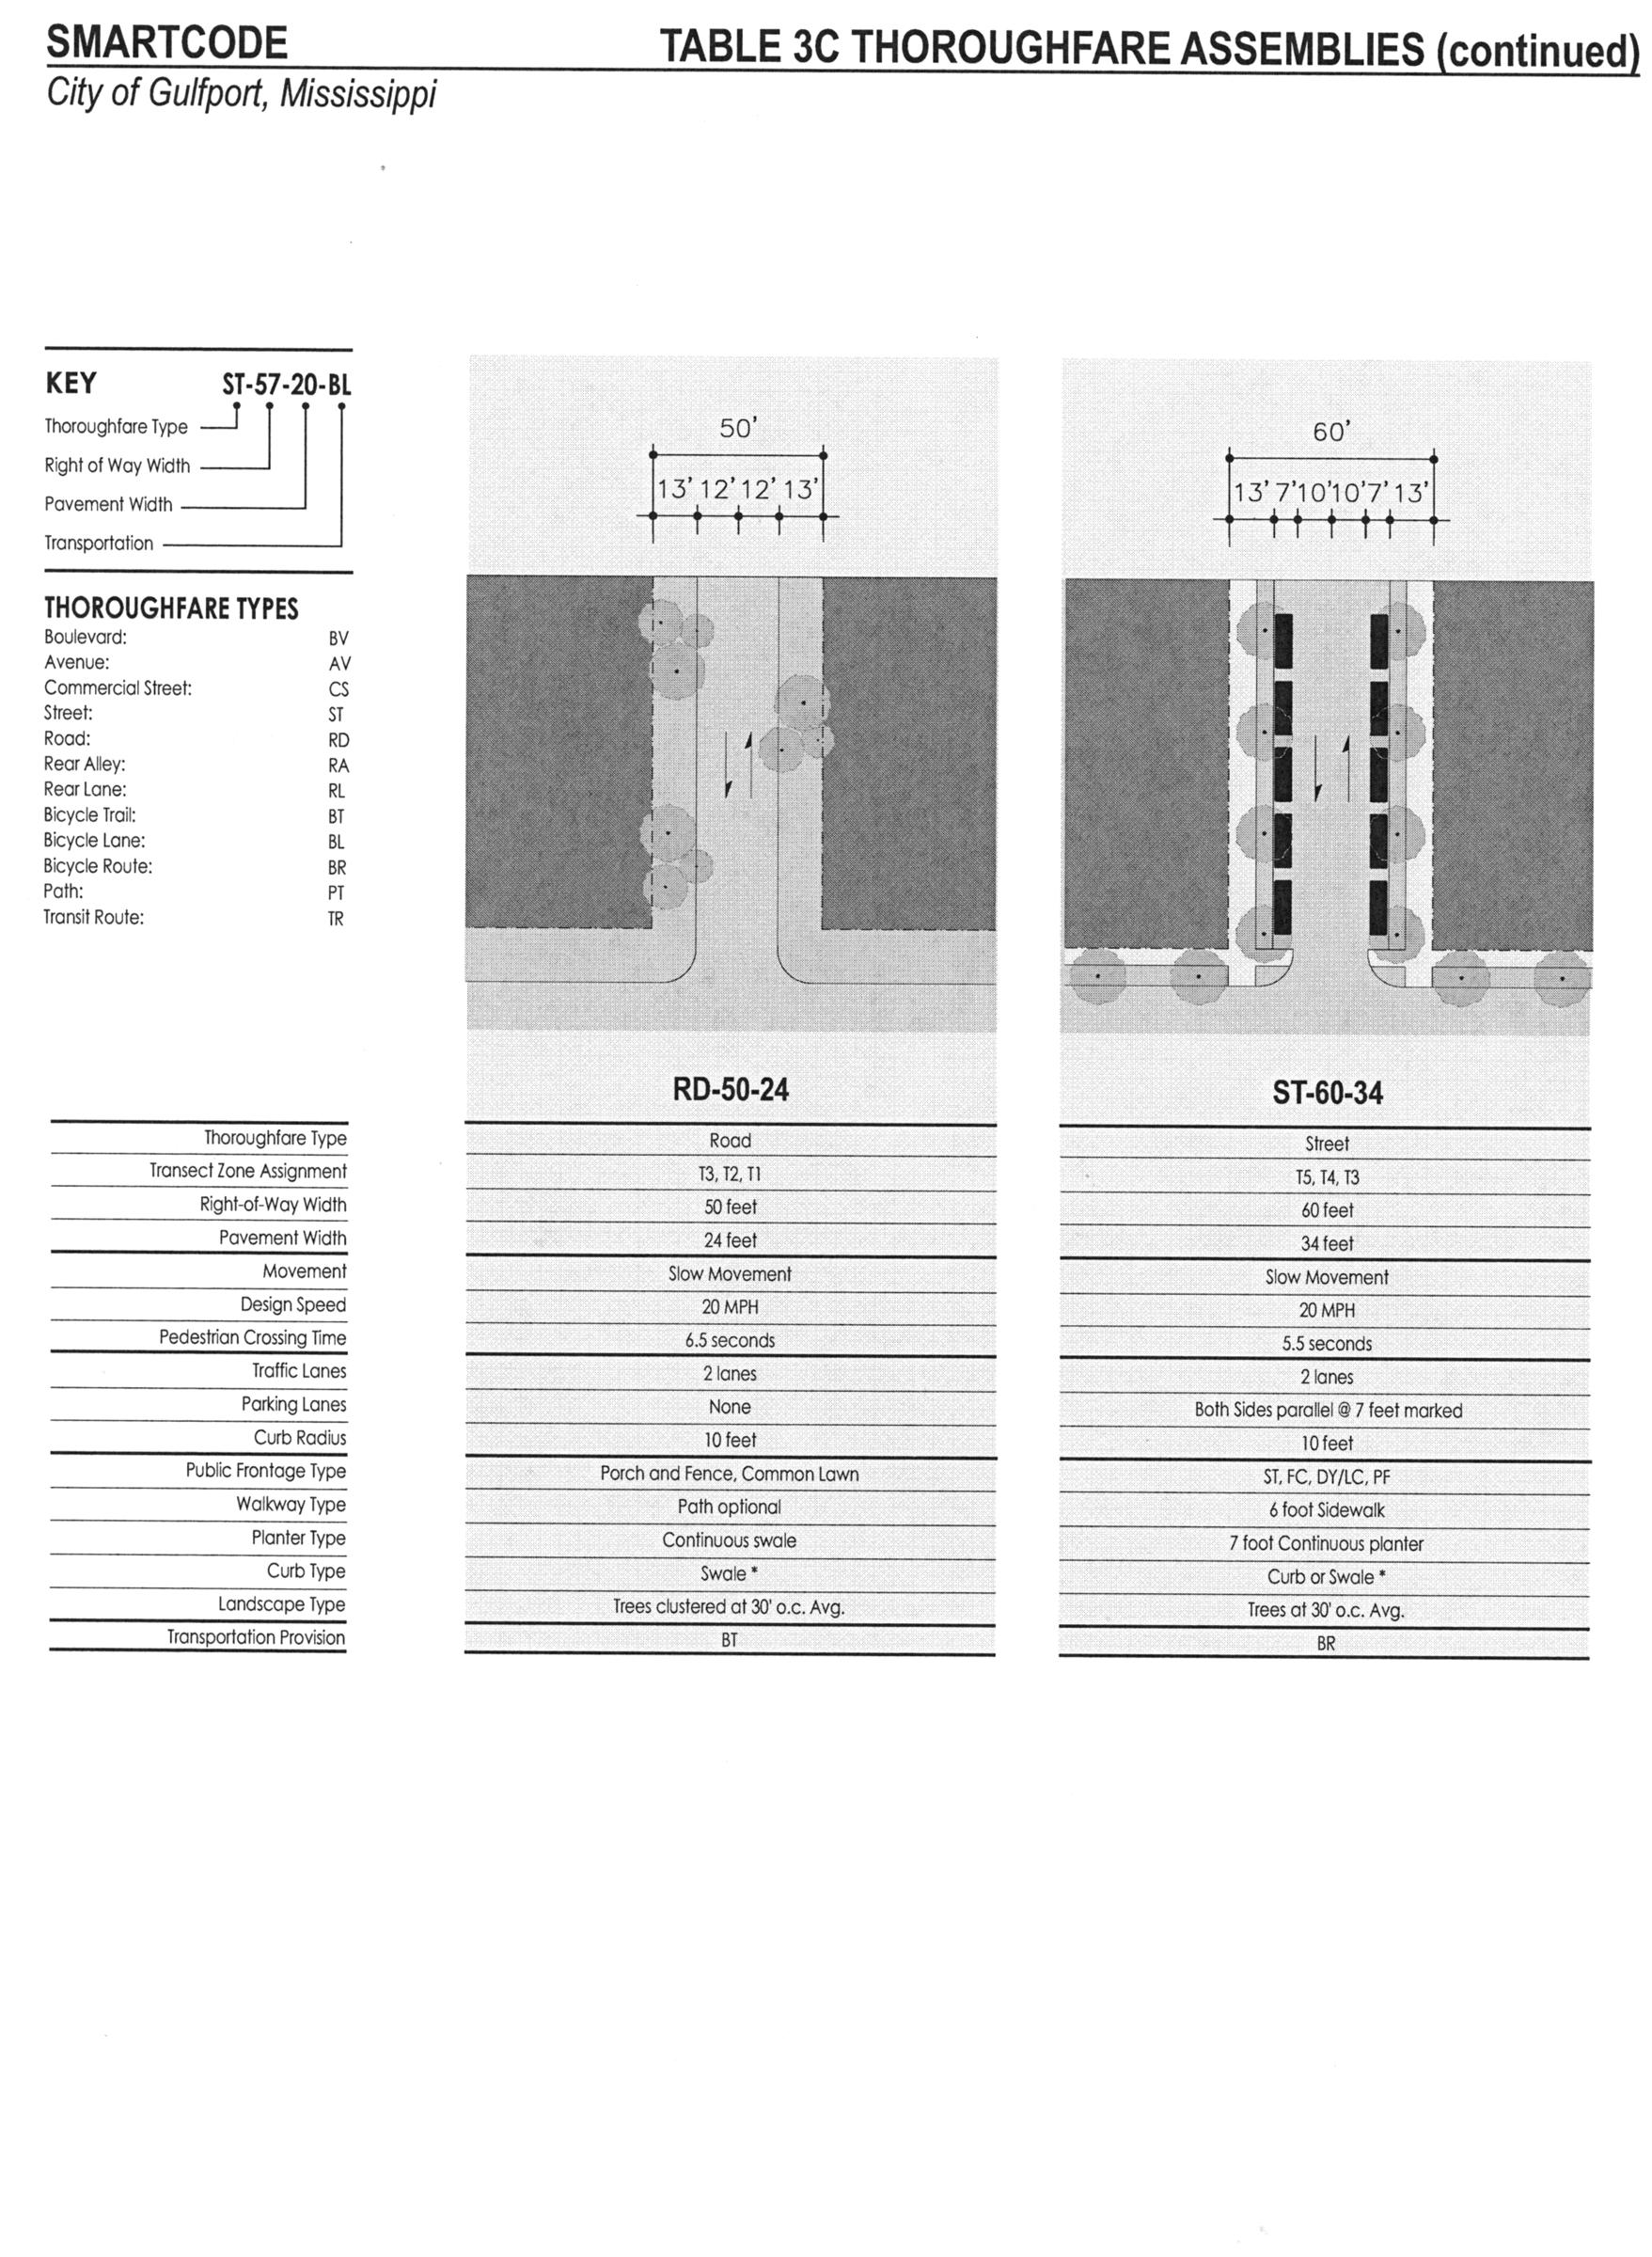 APPENDIX D - SMARTCODE | Code of Ordinances | Gulfport, MS